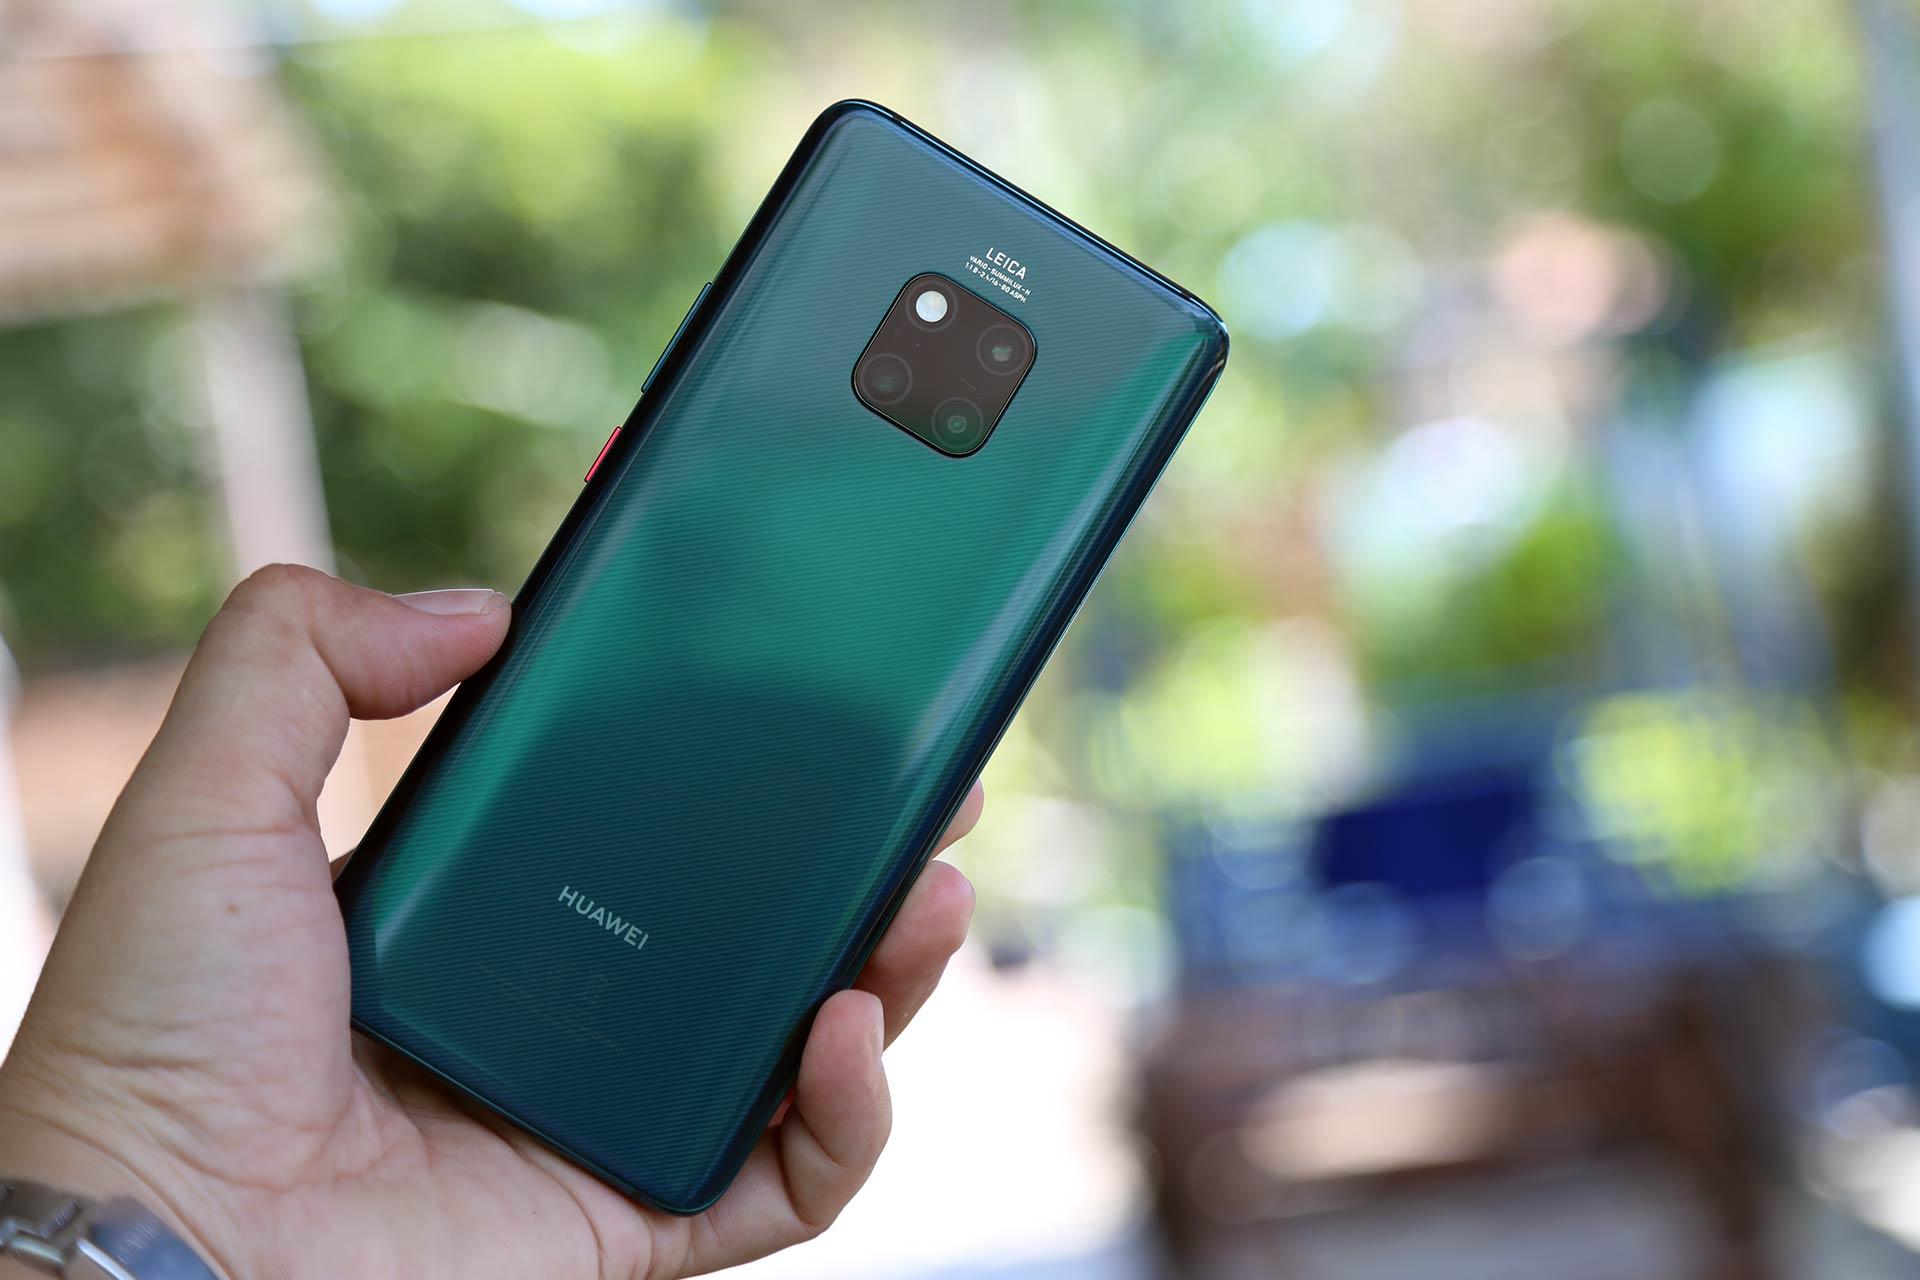 Huawei Mate 20 Pro chụp ảnh quá đỉnh, nhìn là thích ngay - 9